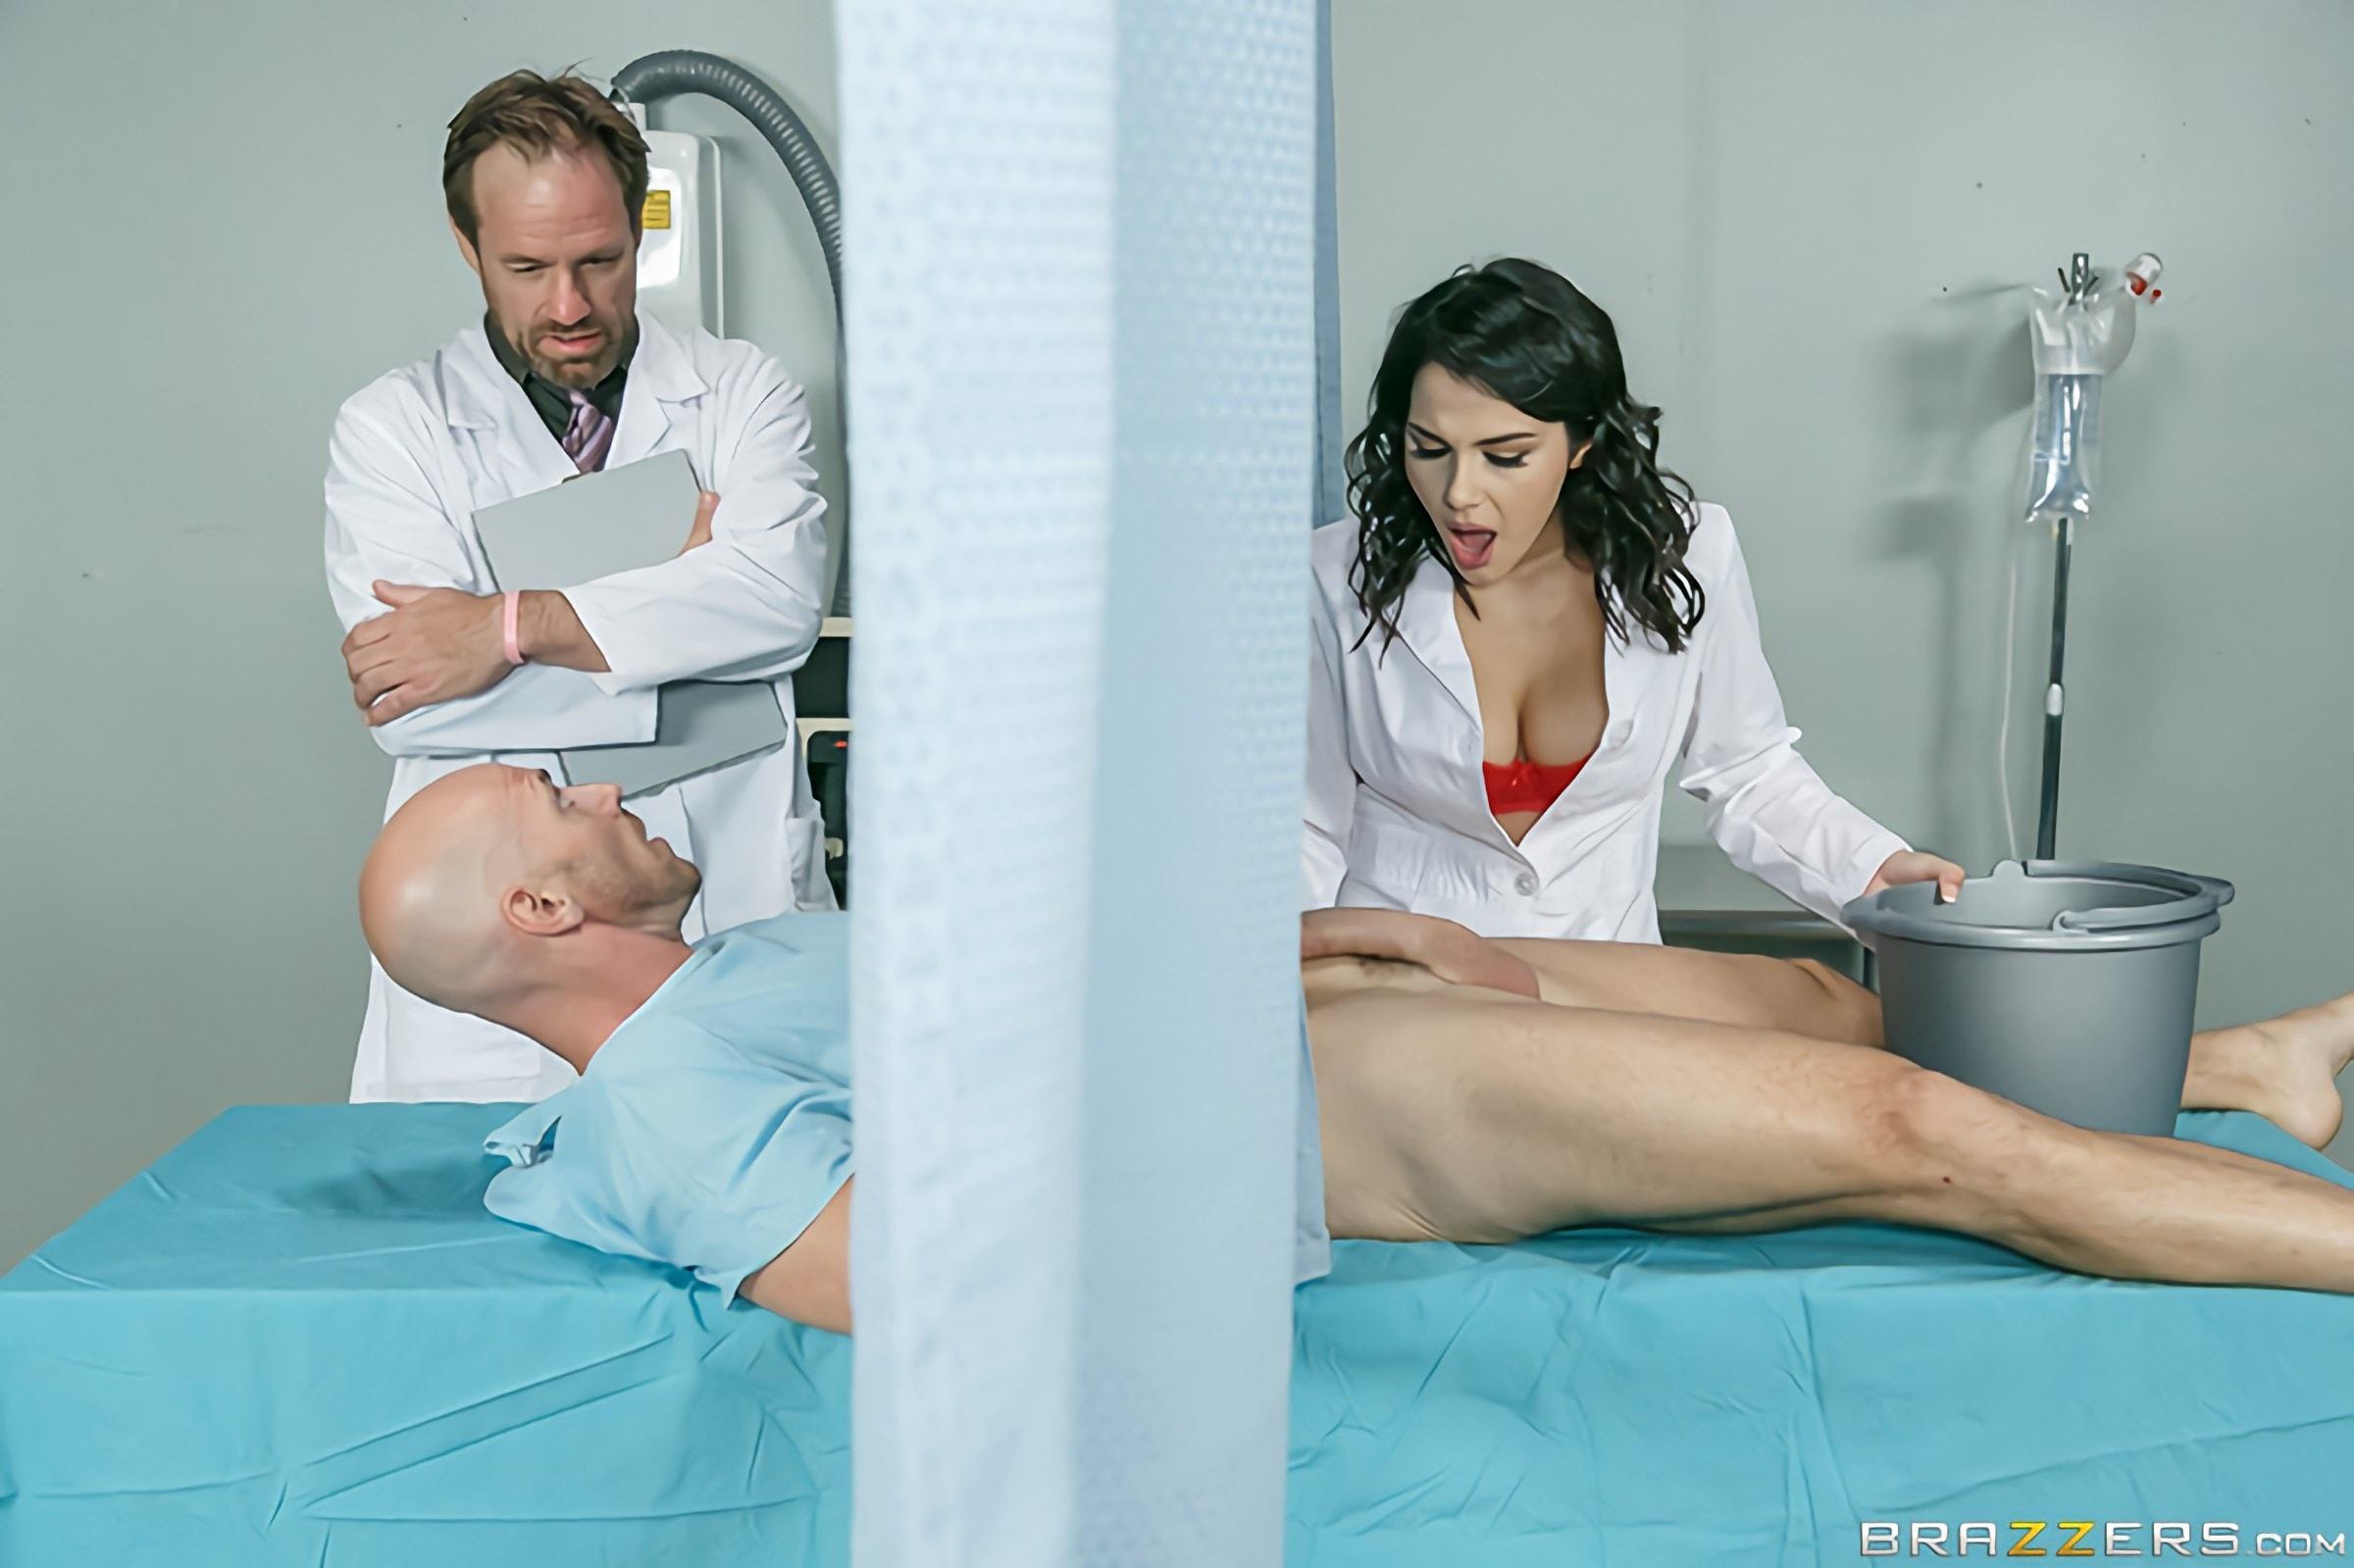 Brazzers 'A Nurse Has Needs' starring Valentina Nappi (Photo 1)